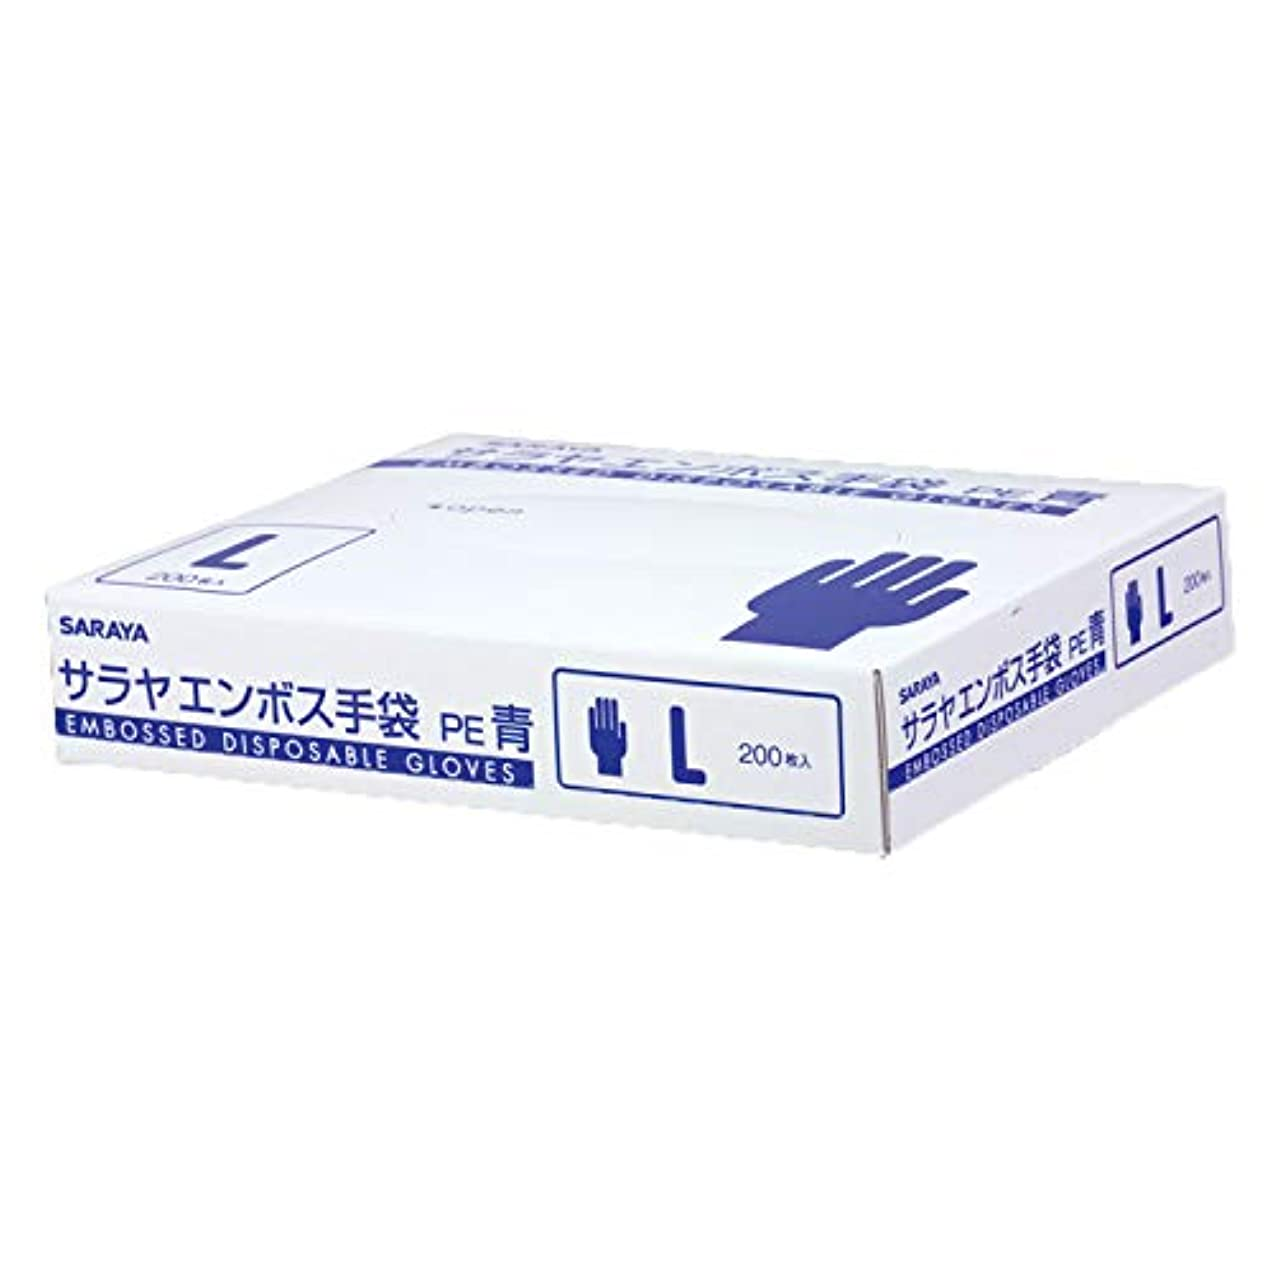 ストレスの多い顔料失望サラヤ エンボス手袋PE 青 L 200枚×20箱 51095